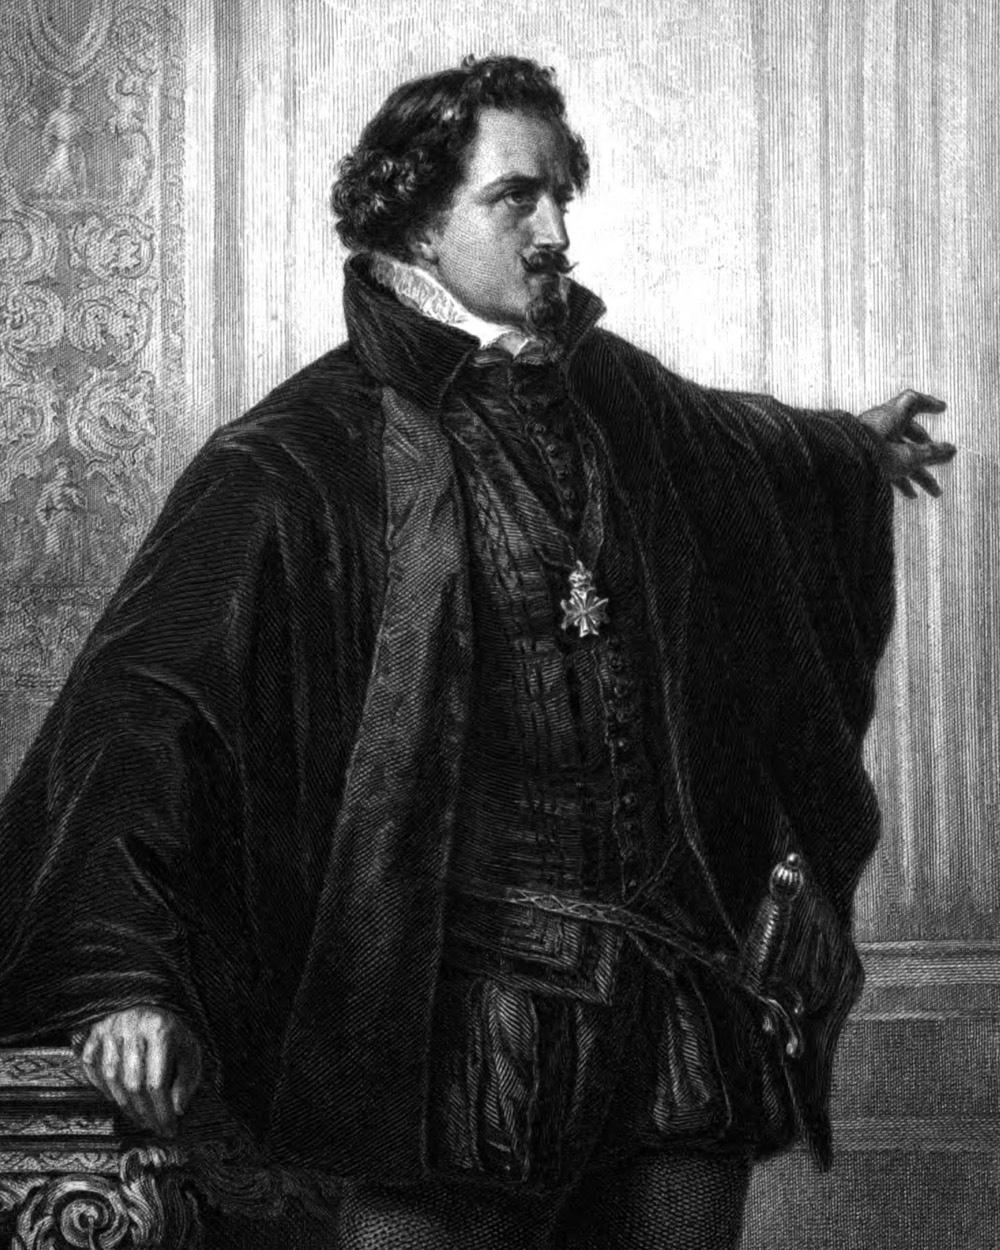 Marquis Posa, Charakter aus dem Schiller-Drama Don Carlos, Zeichnung von Arthur von Ramberg, 1859